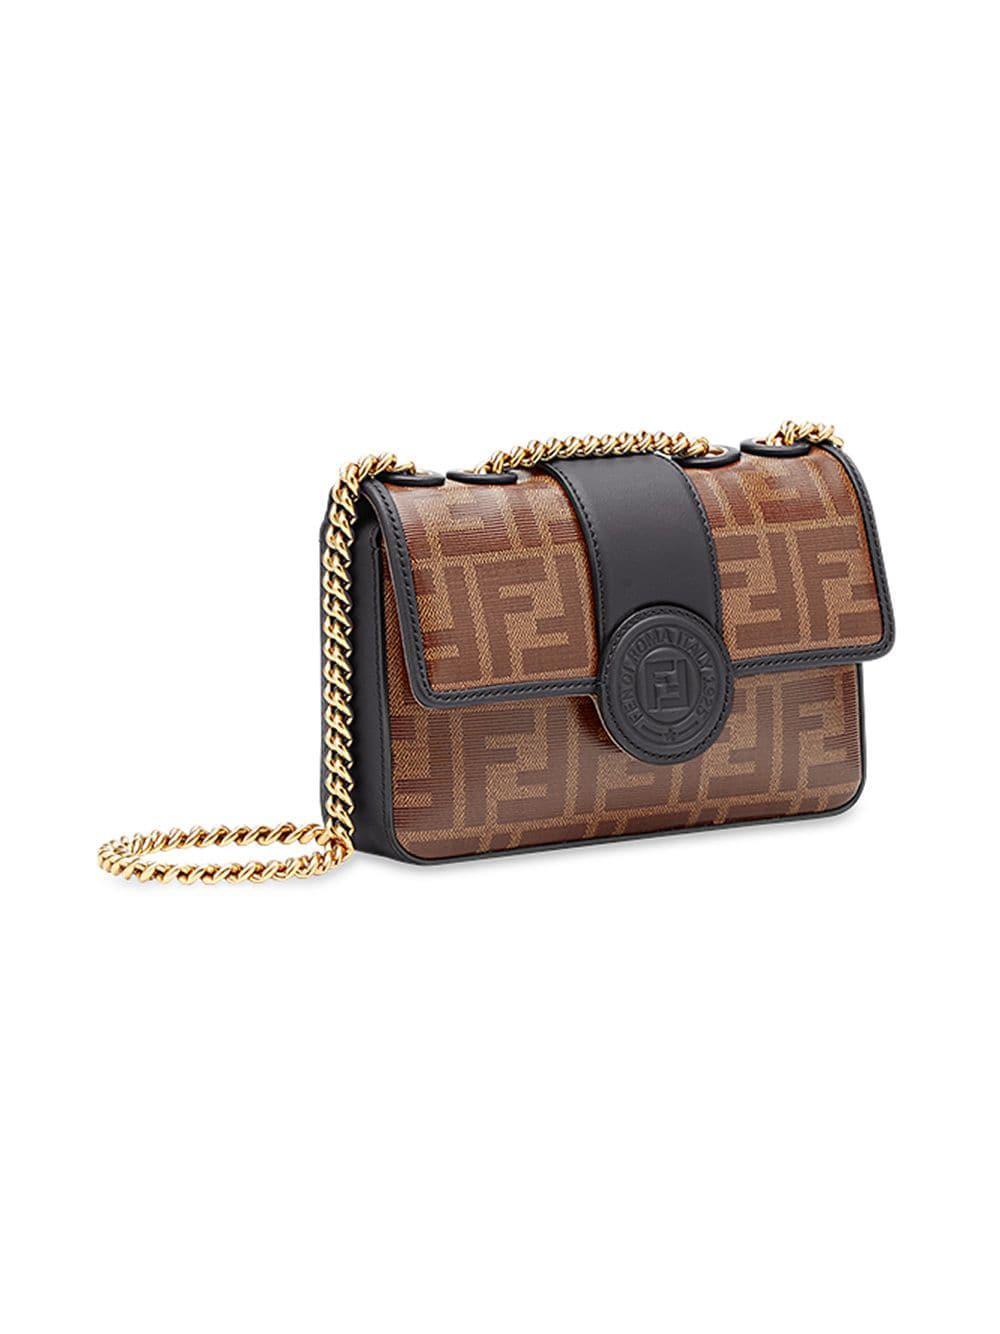 Fendi - Brown Double F Logo Print Leather Cross Body Bag - Lyst. View  fullscreen 59e0a5dc352a5